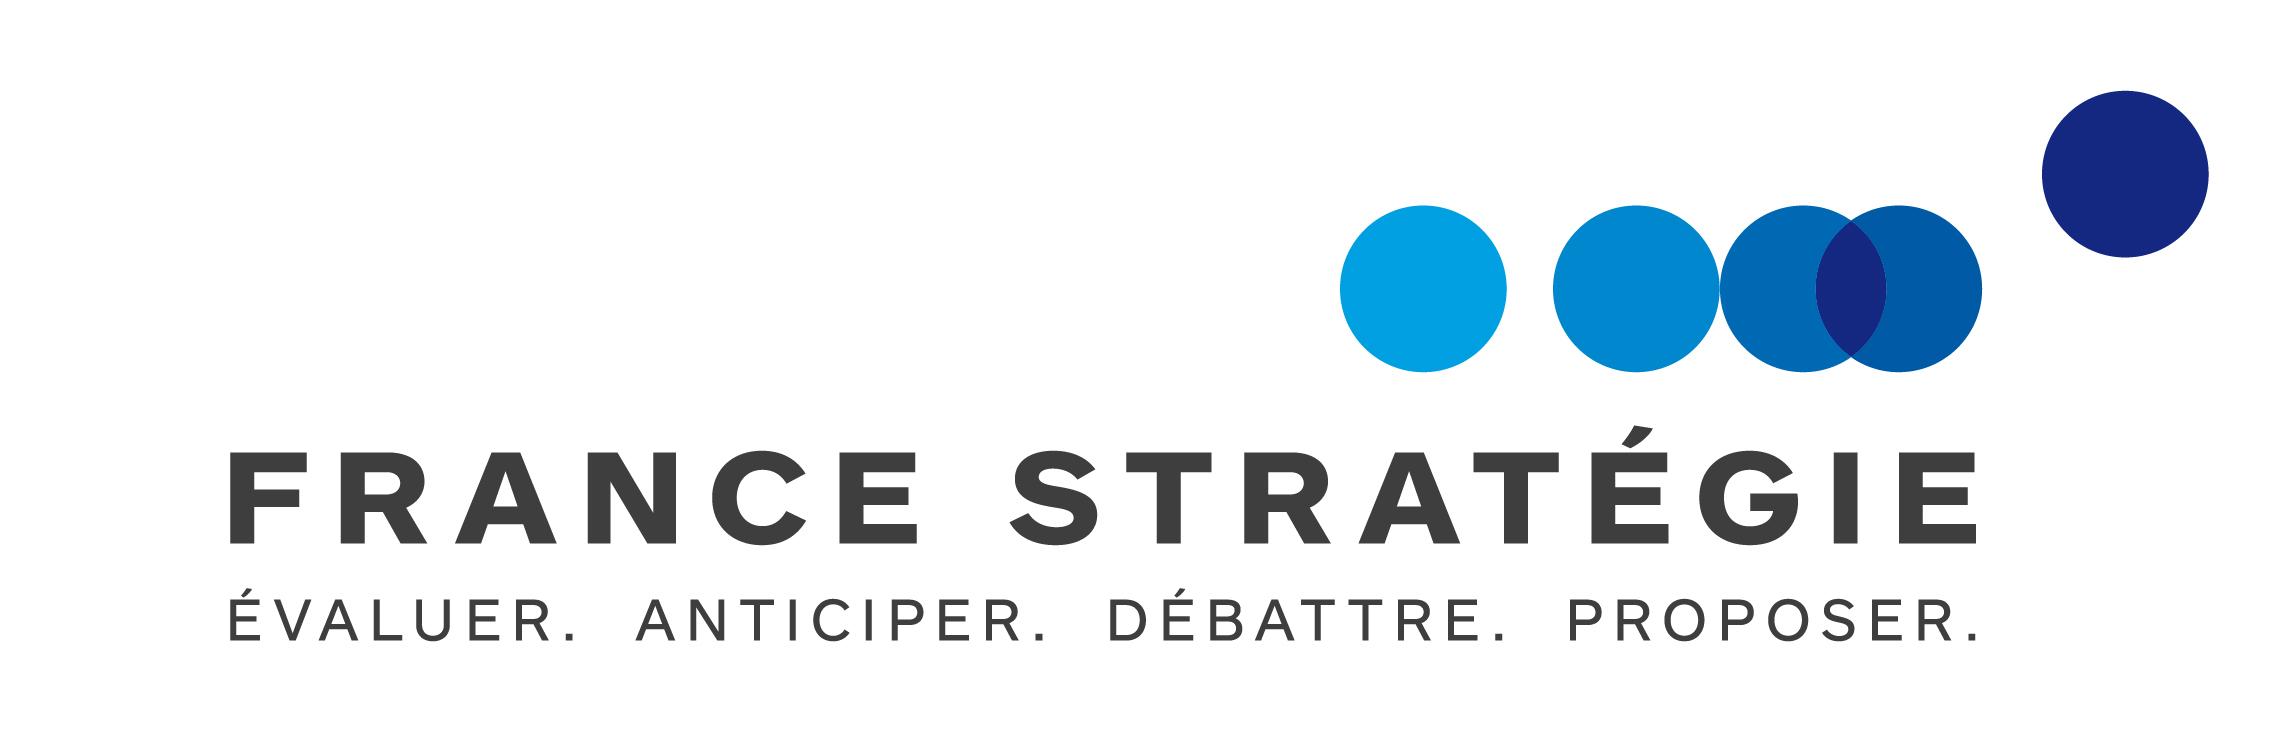 France Stratégie, la nouvelle identité du Commissariat général à la stratégie et à la prospective